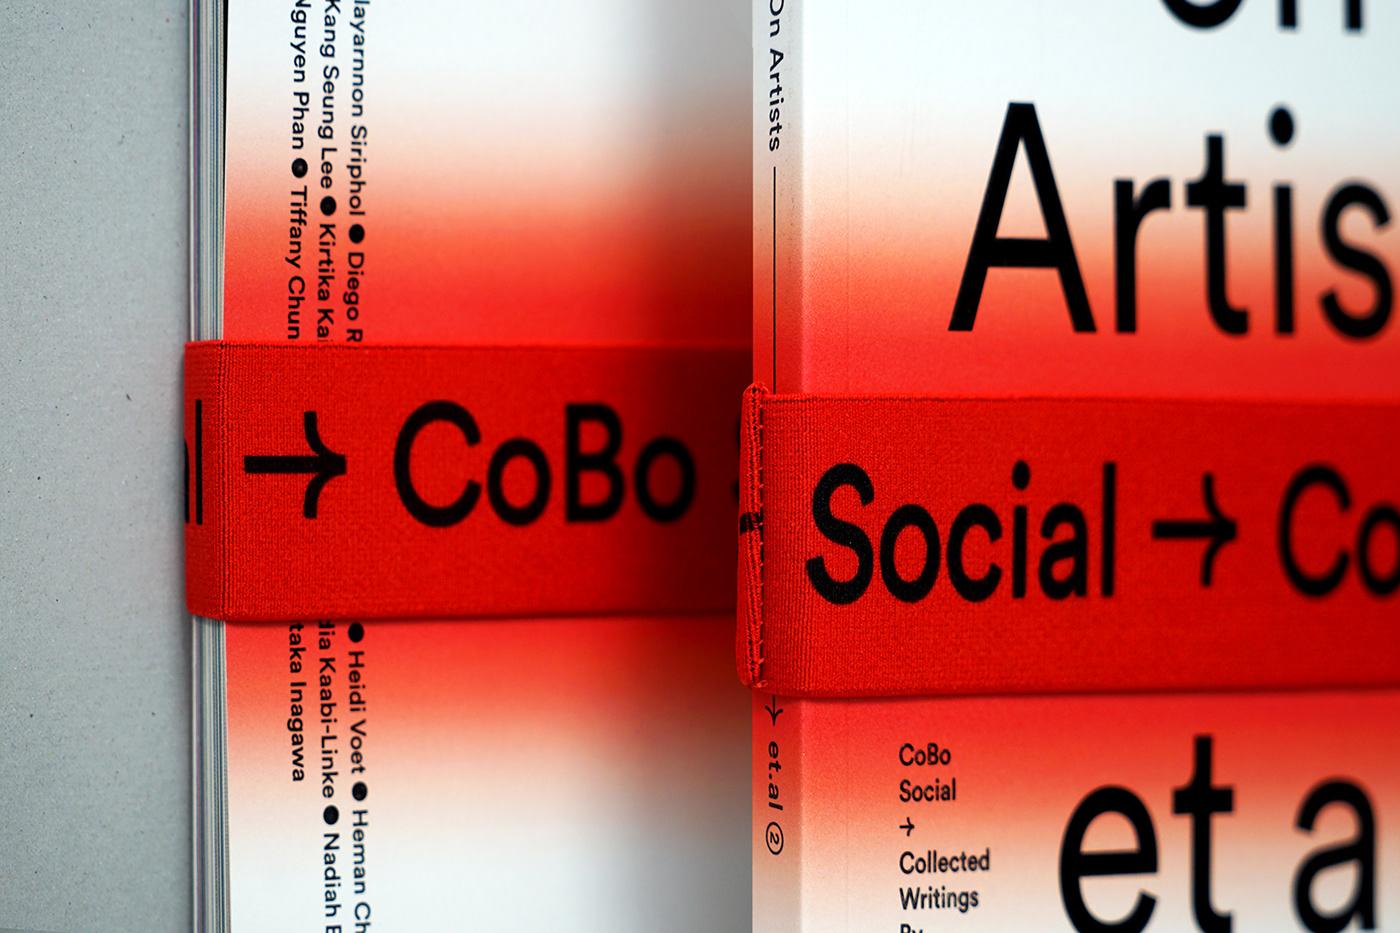 art artist book book band gradient Hong Kong Printing effect red